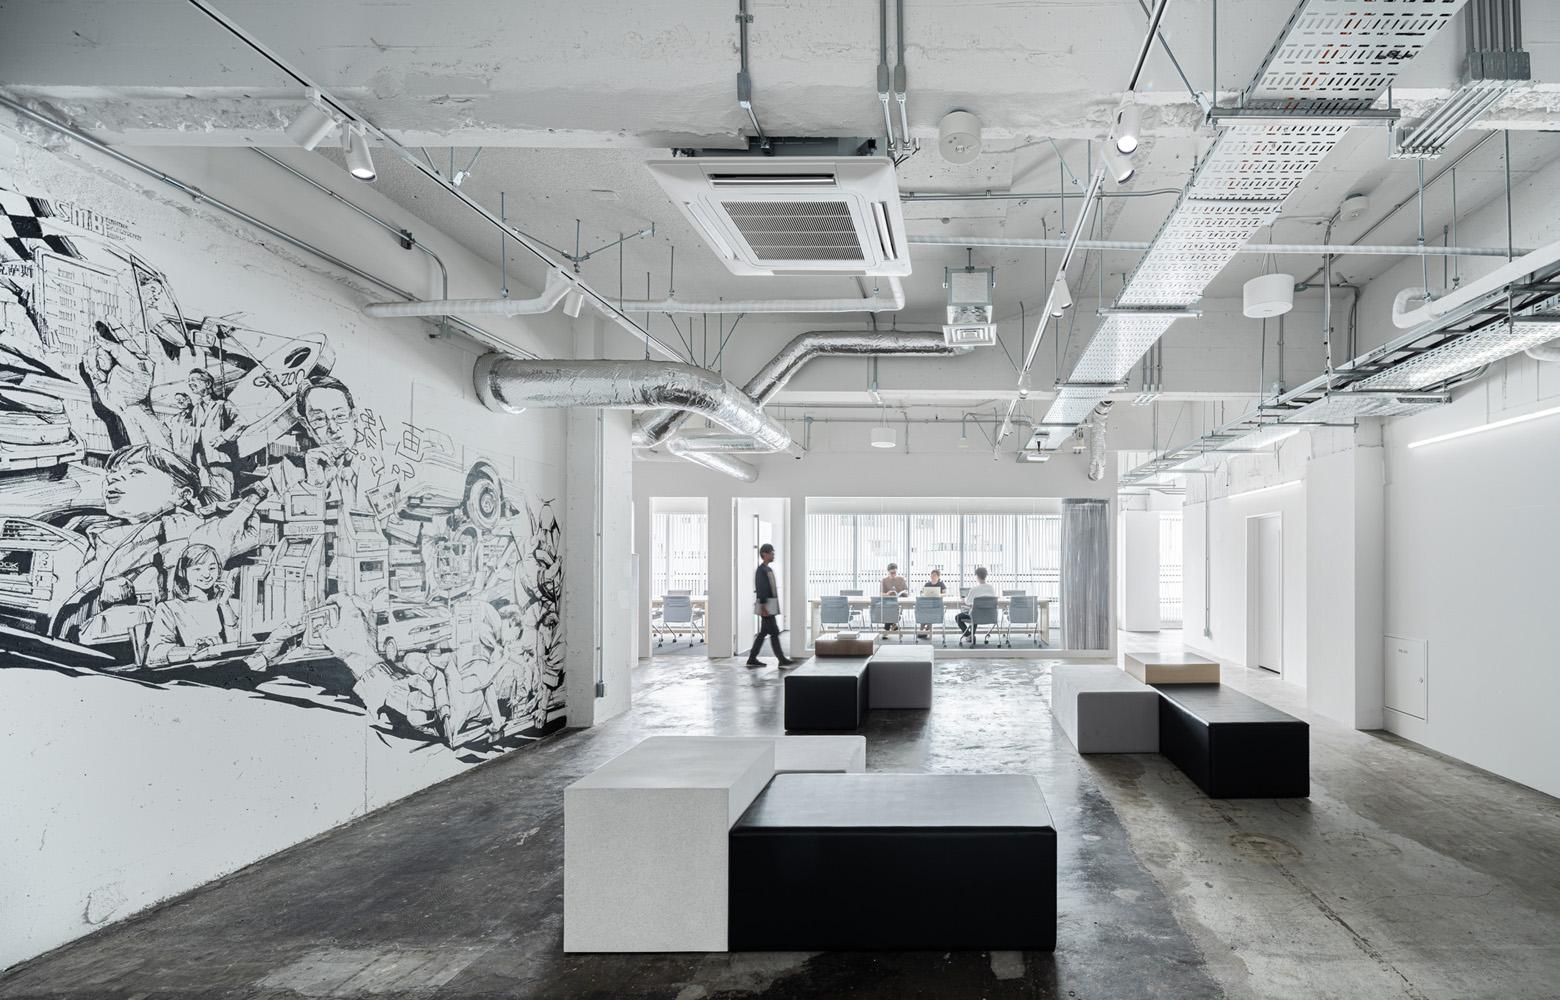 トヨタコネクティッド株式会社 Entrance Lounge_2 デザイン・レイアウト事例